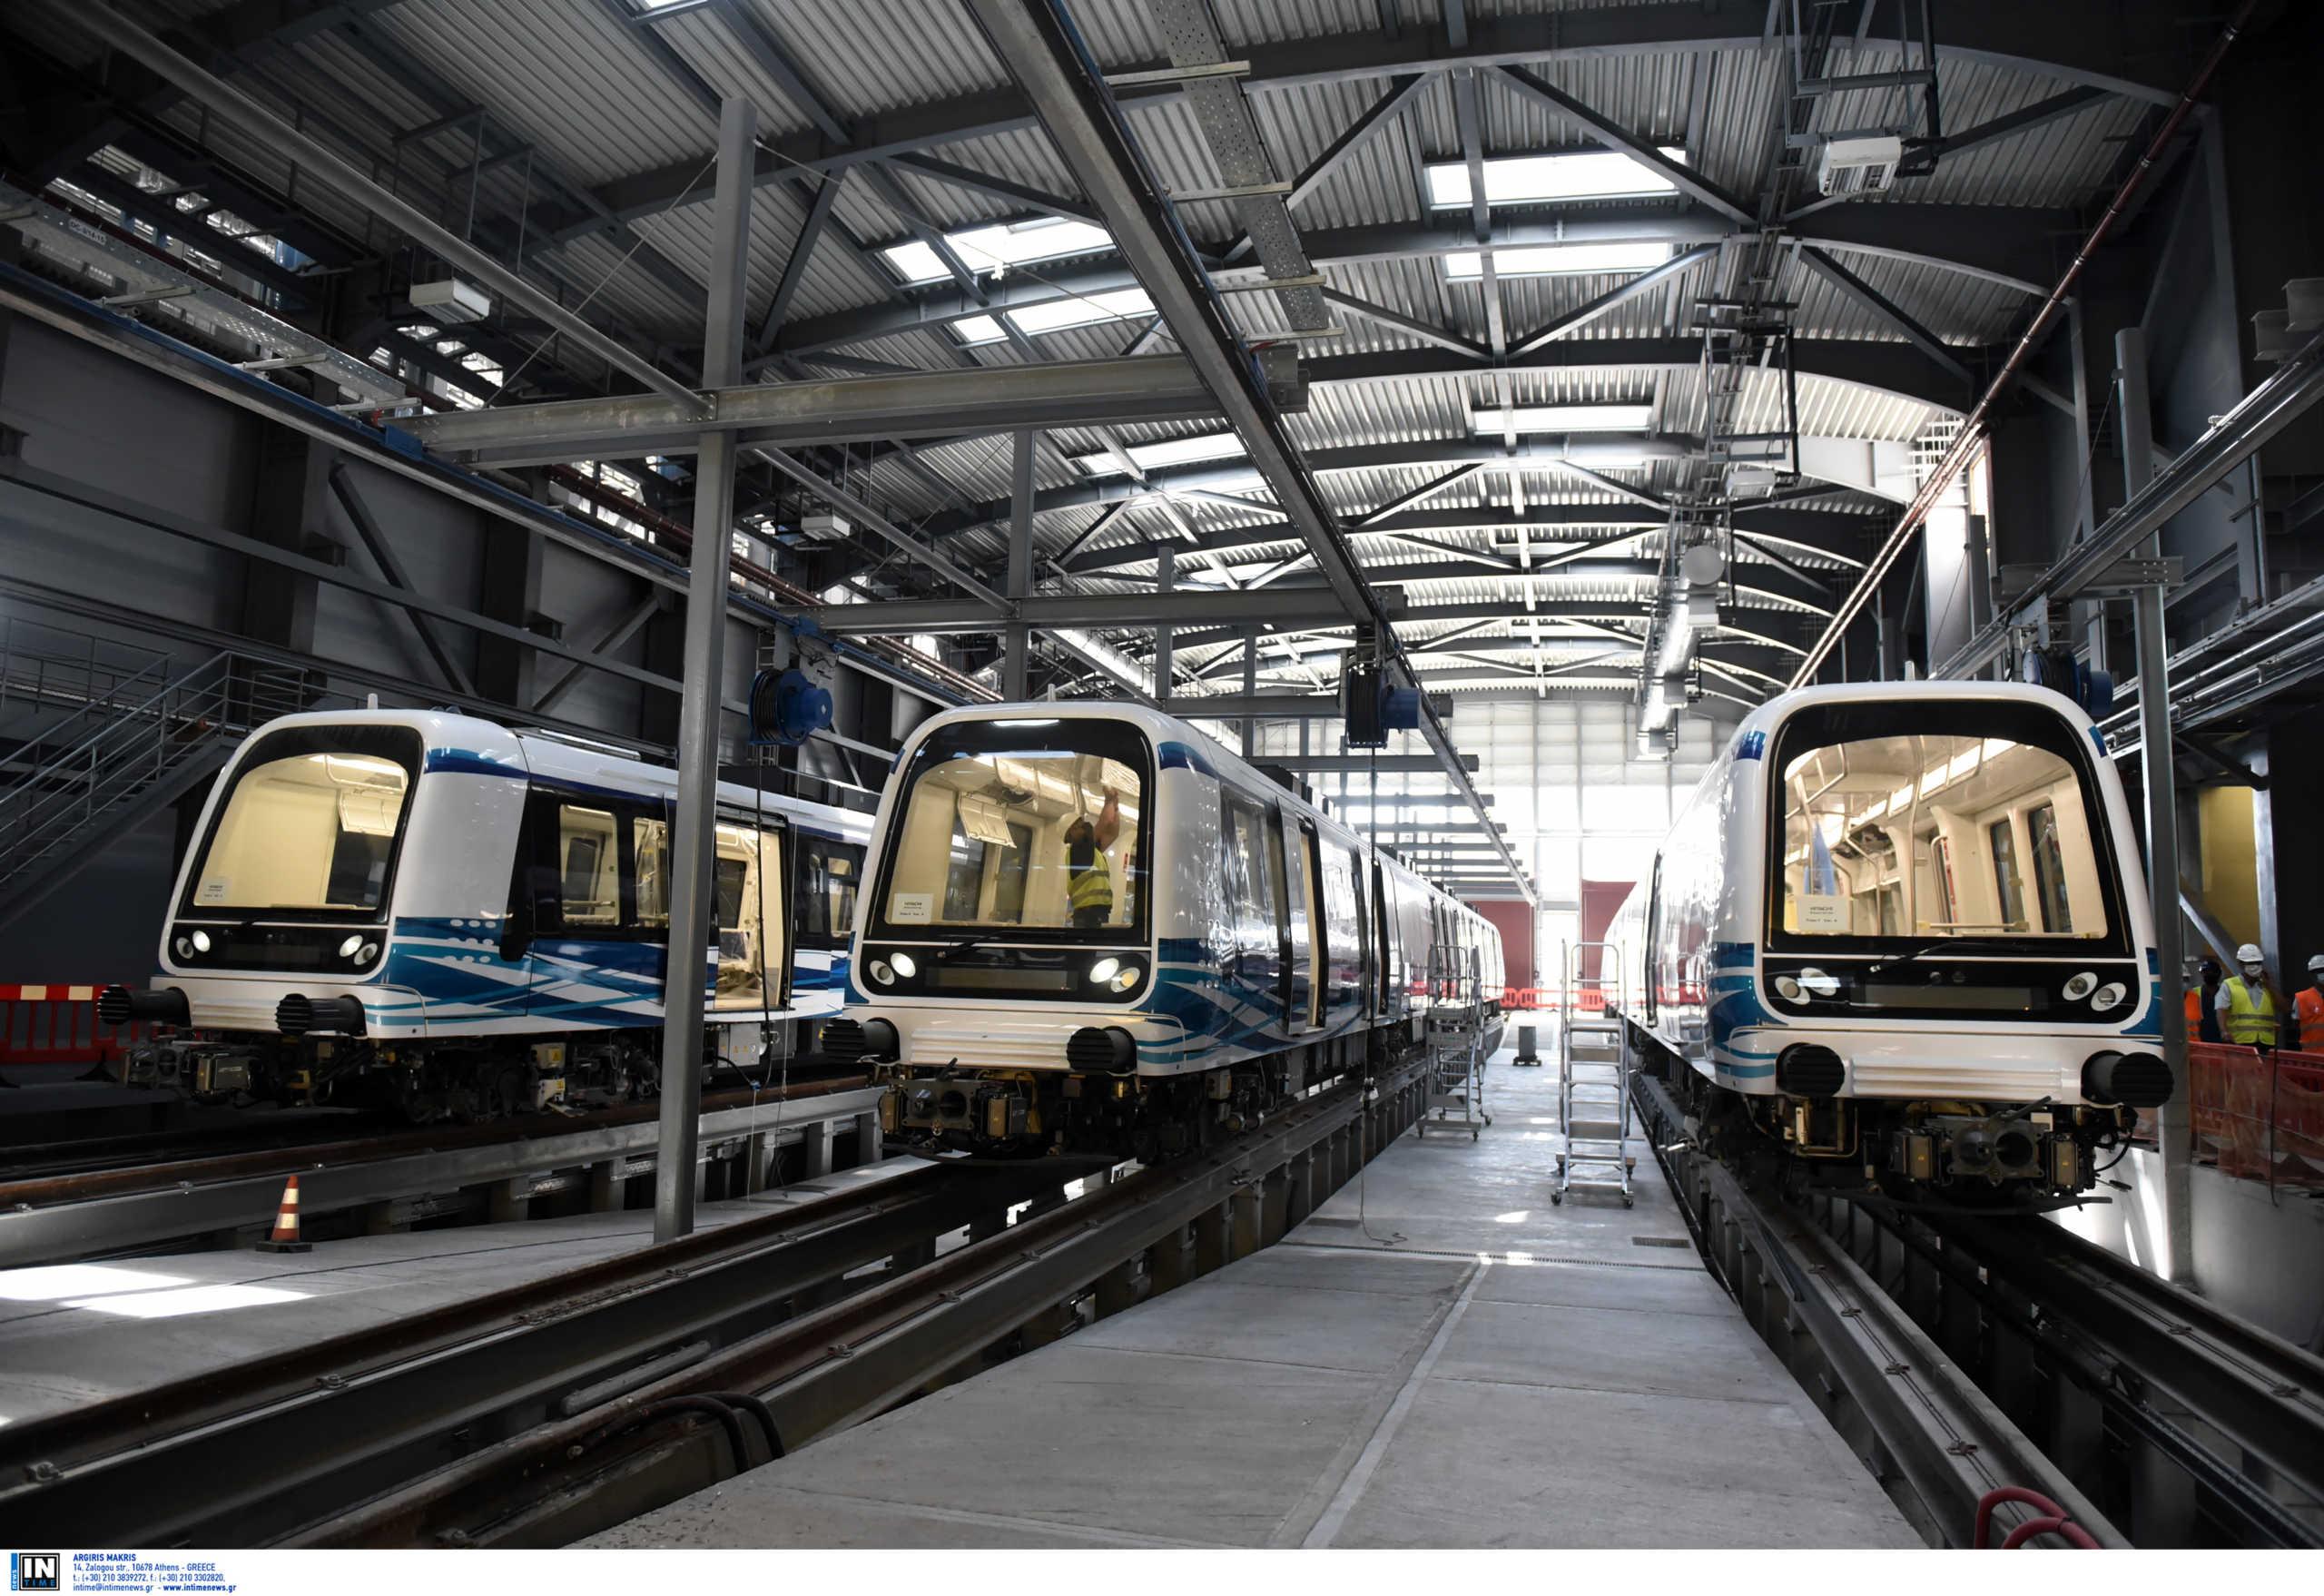 Σκοτώθηκε εργάτης του μετρό στη Θεσσαλονίκη!